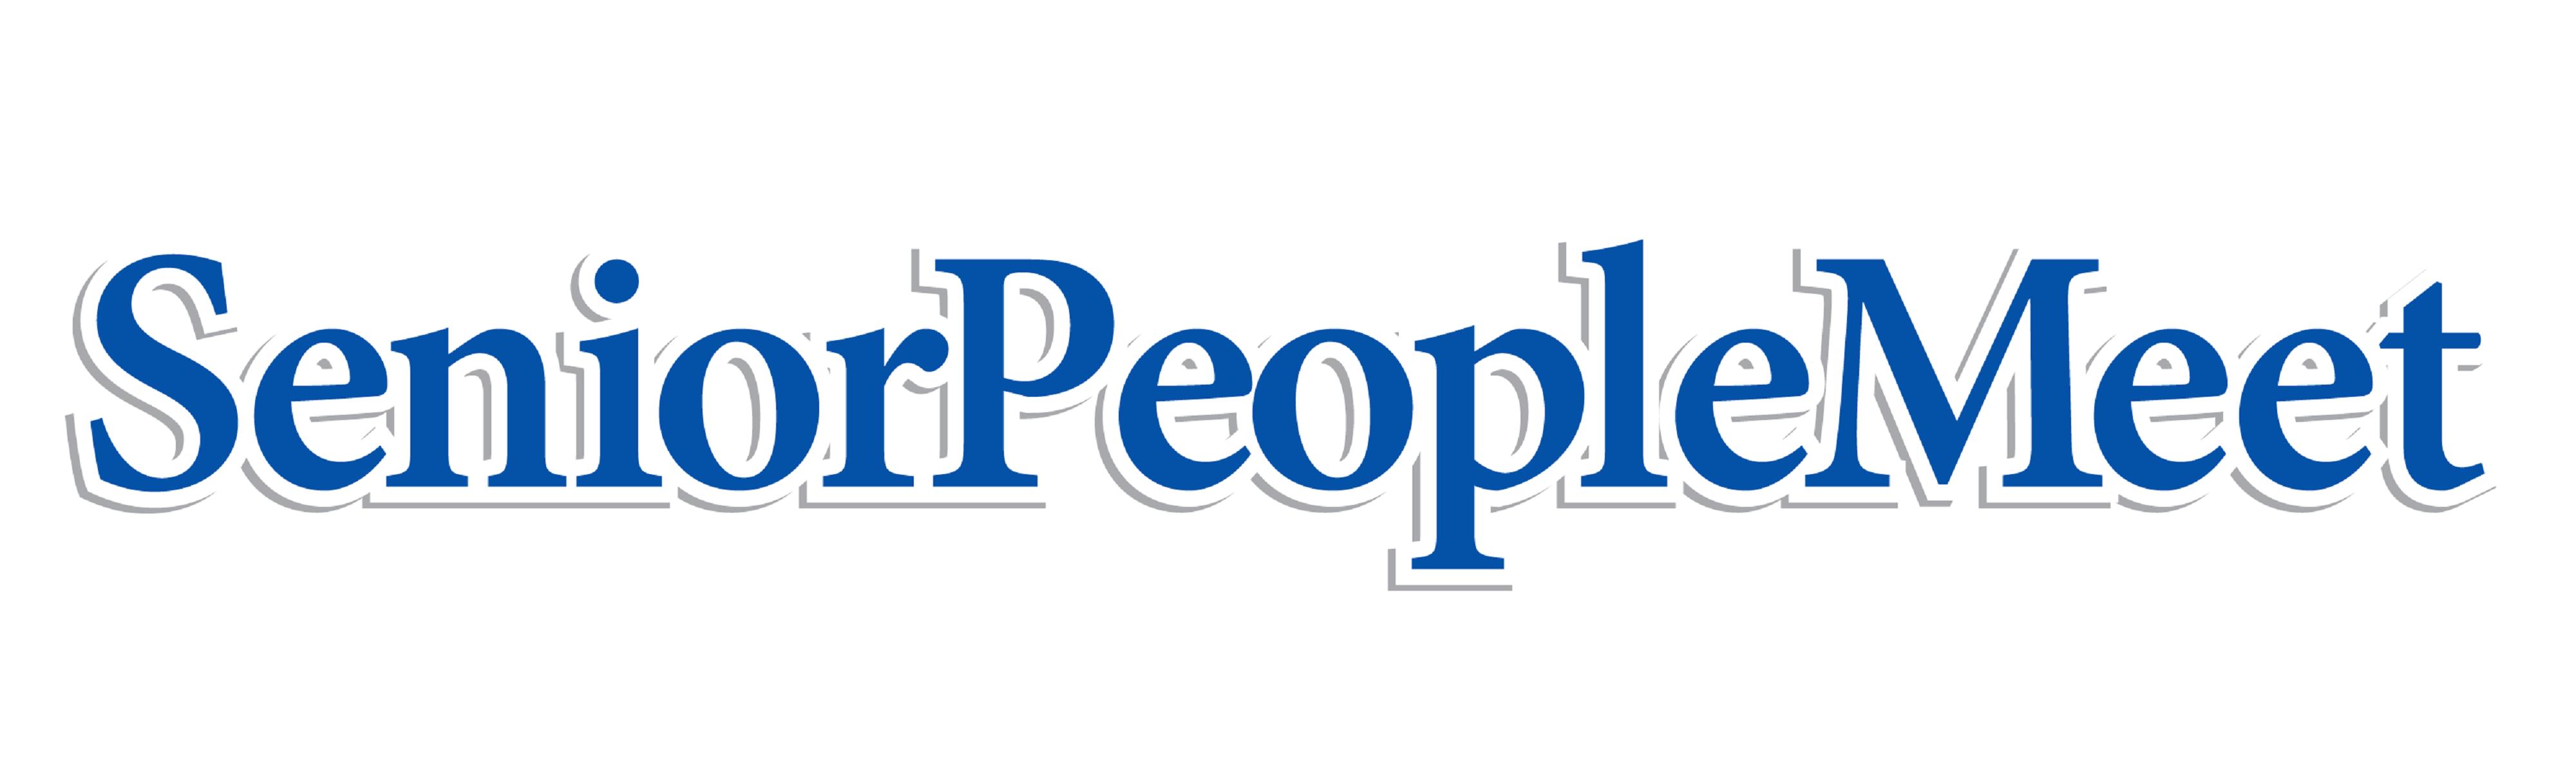 SeniorPeopleMeet in Review